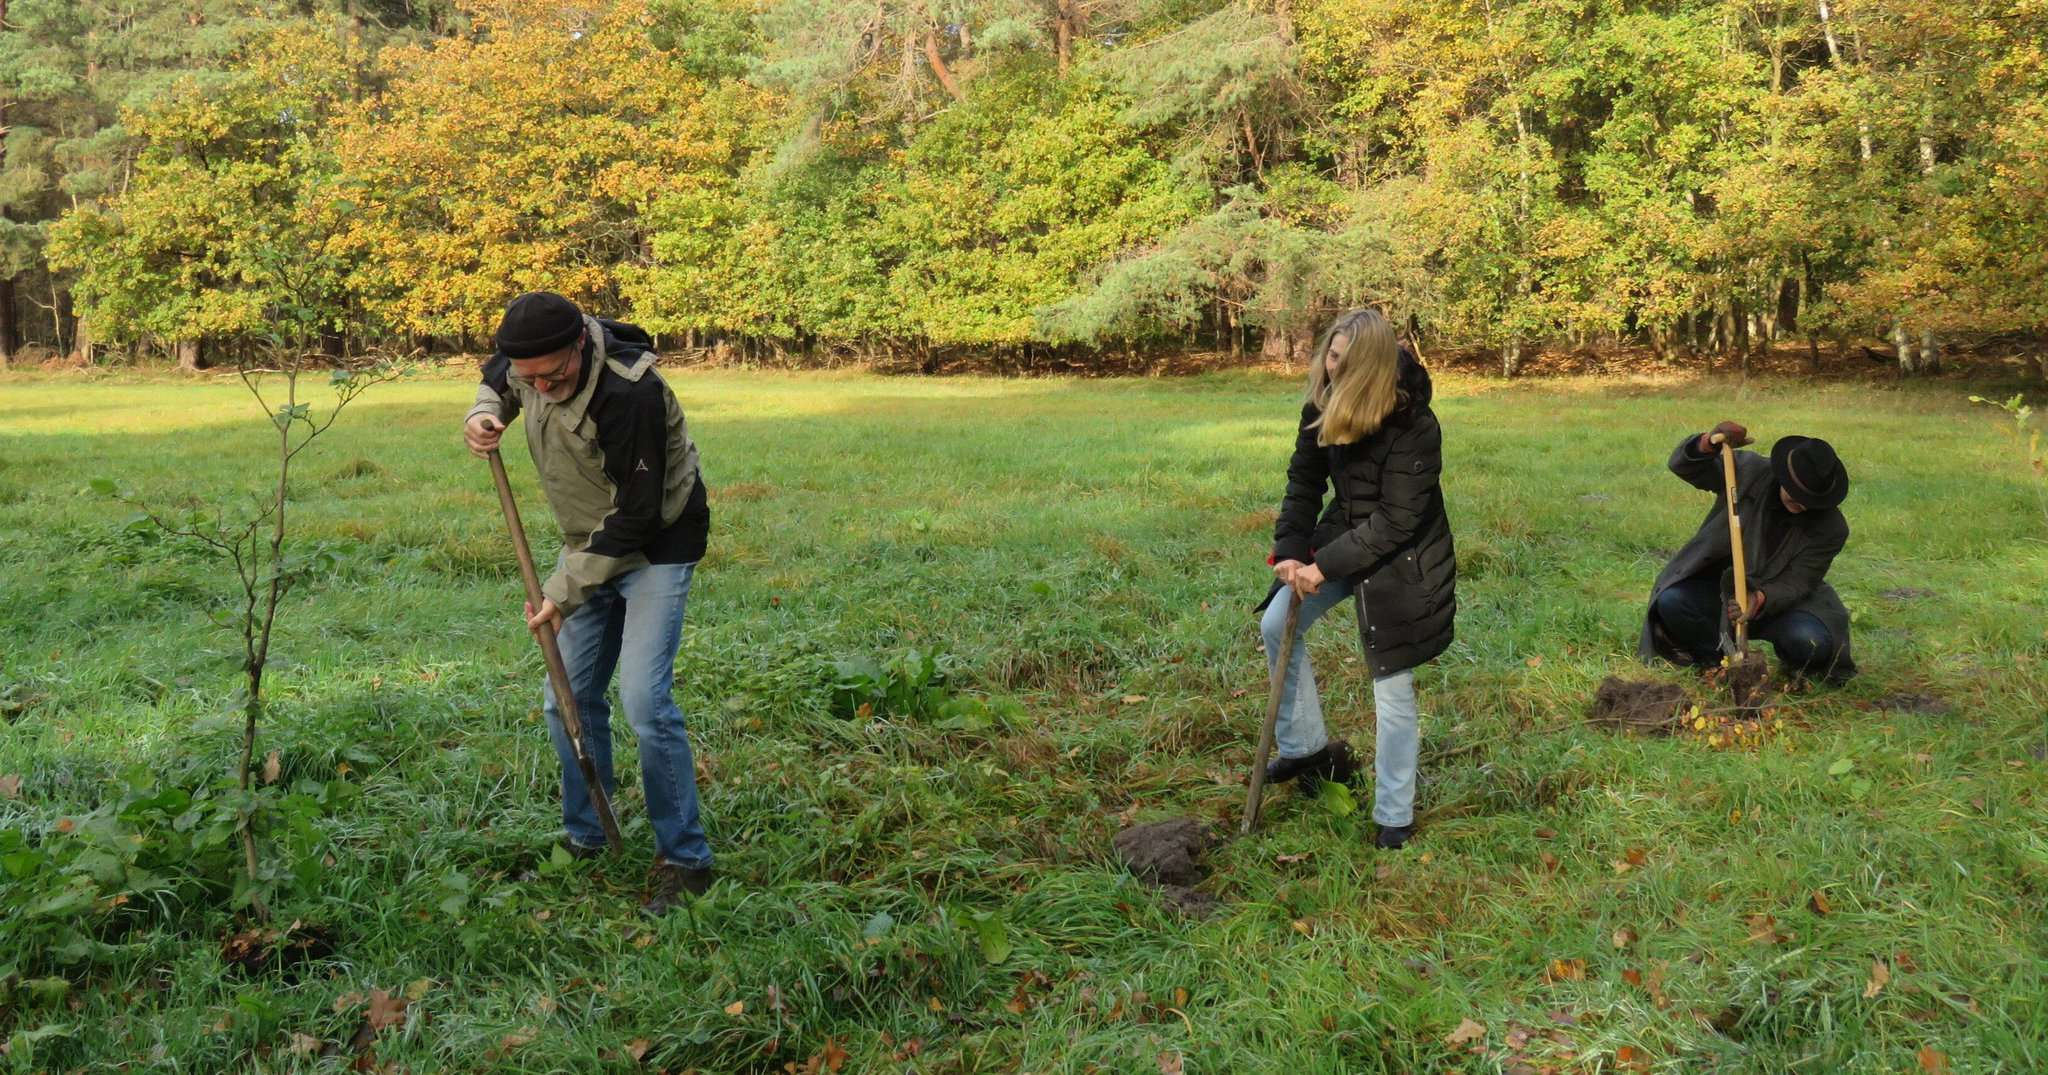 Erich von Hofe (von links), Bettina Schwing und Tim Willy Weber pflanzten Bäume in der Quelkhorner Surheide. Foto: Elke Keppler-Rosenau